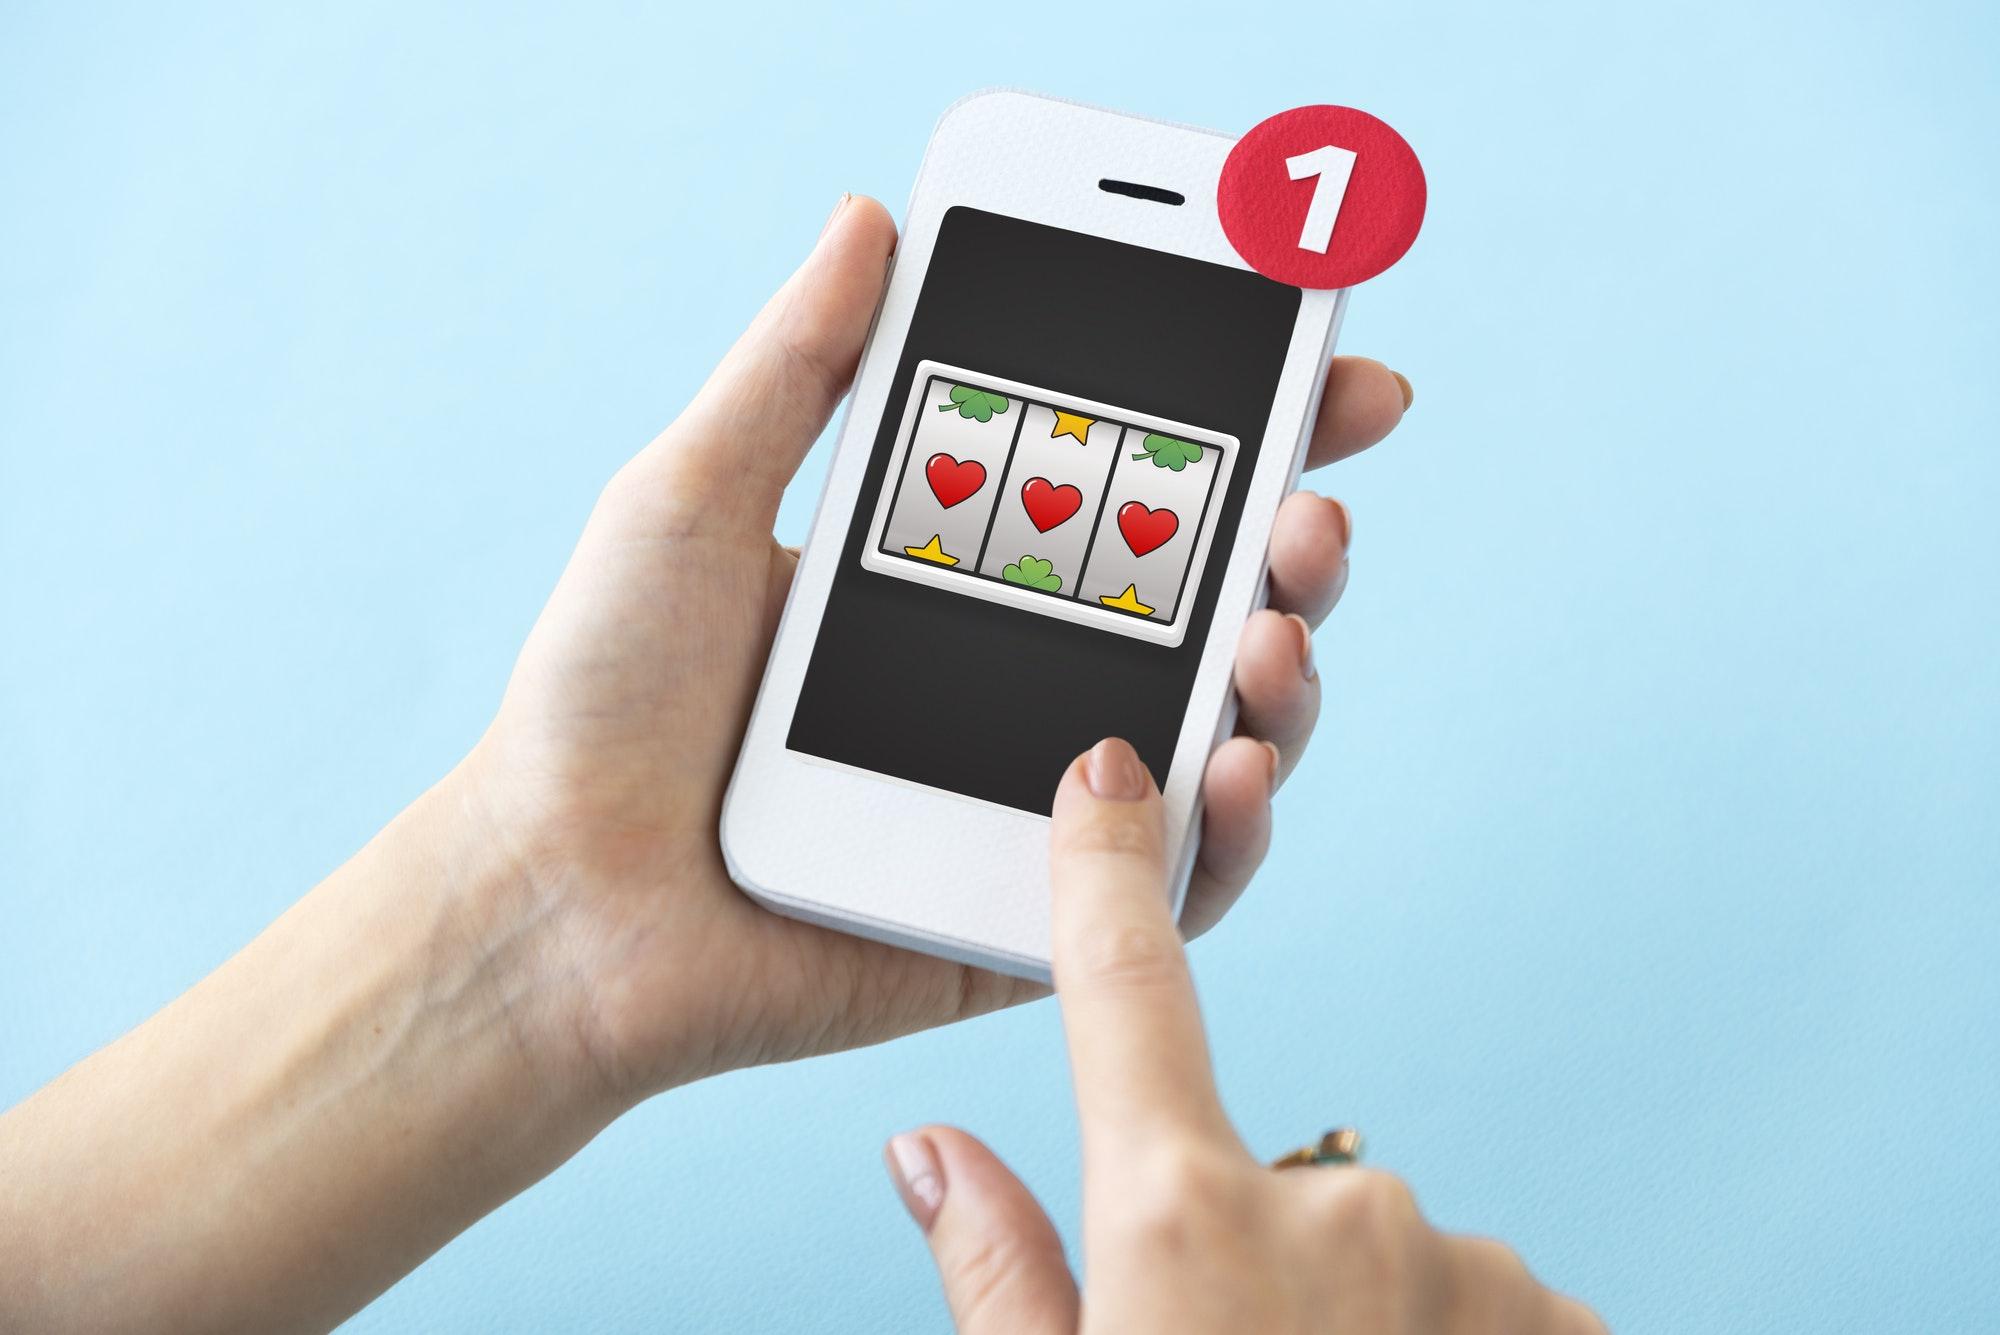 Lotto Slot Machine Jackpot Win Concept